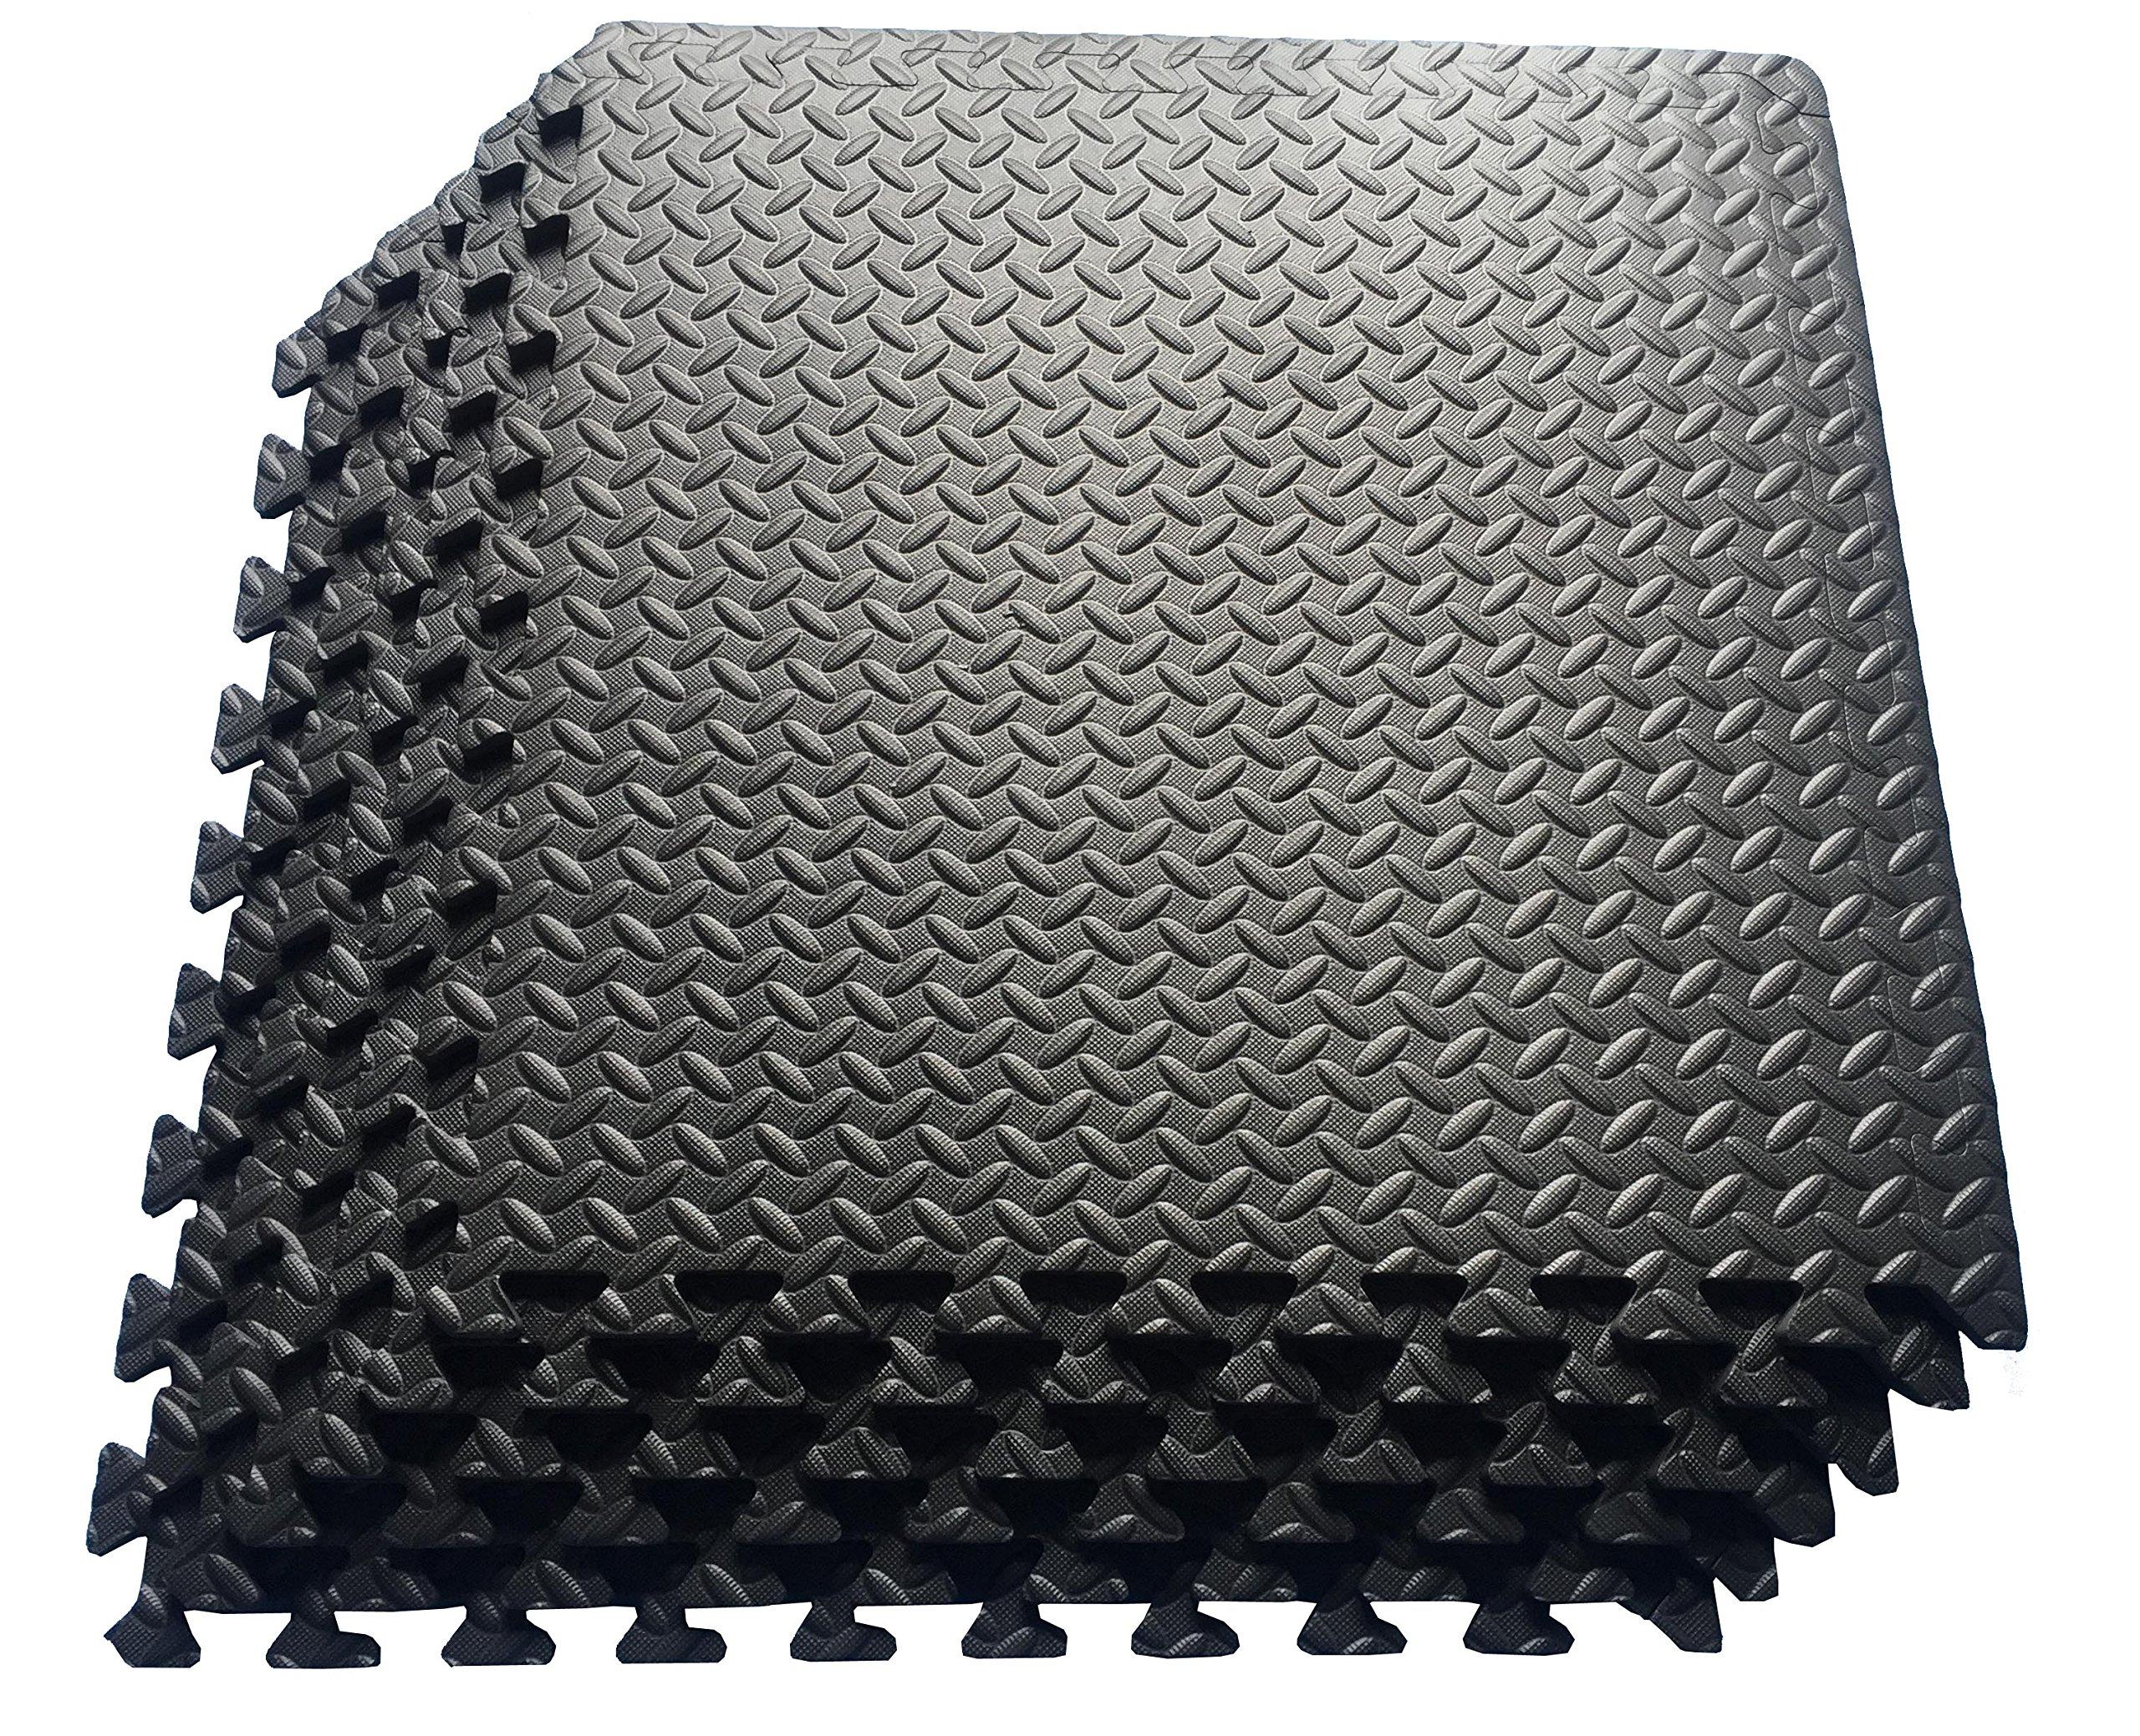 Multipurpose Anti-Fatigue Exercise Puzzle Mat Tiles - Interlocking EVA Foam Mat Tiles - 216 Sq. Ft. (Black)